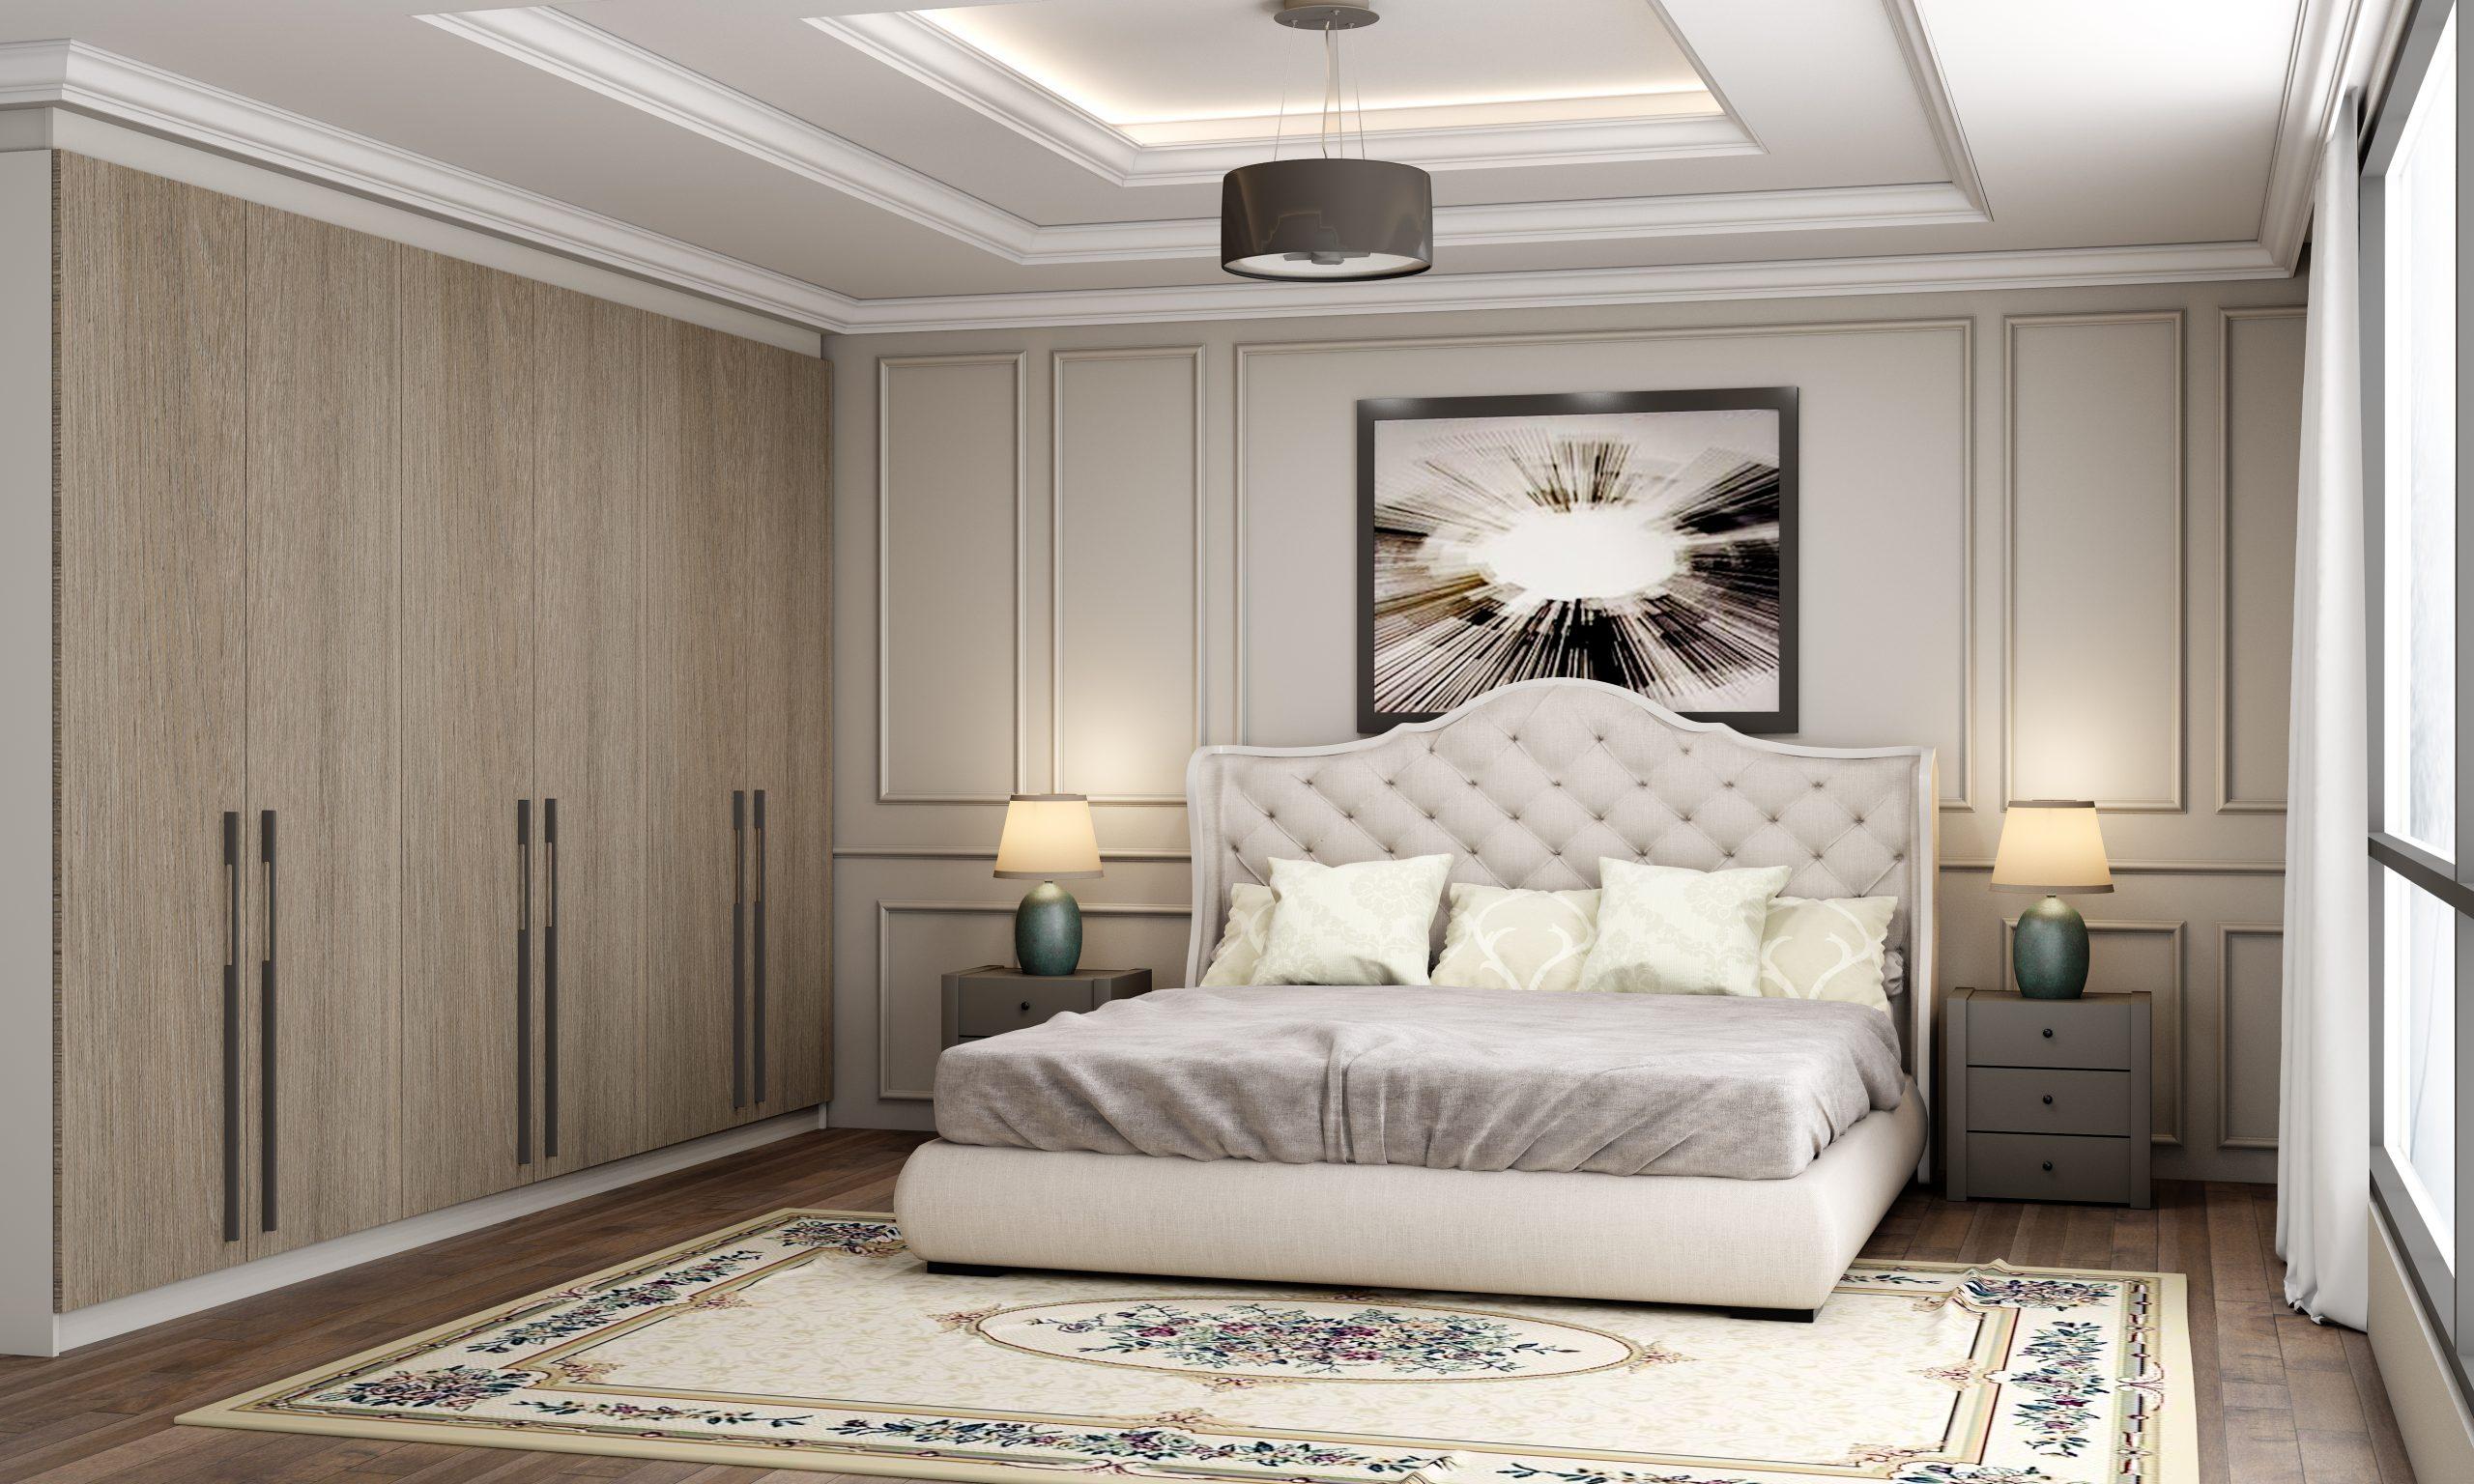 Traditional Bedroom Wardrobe Storage in Woodgrain Oak Finish